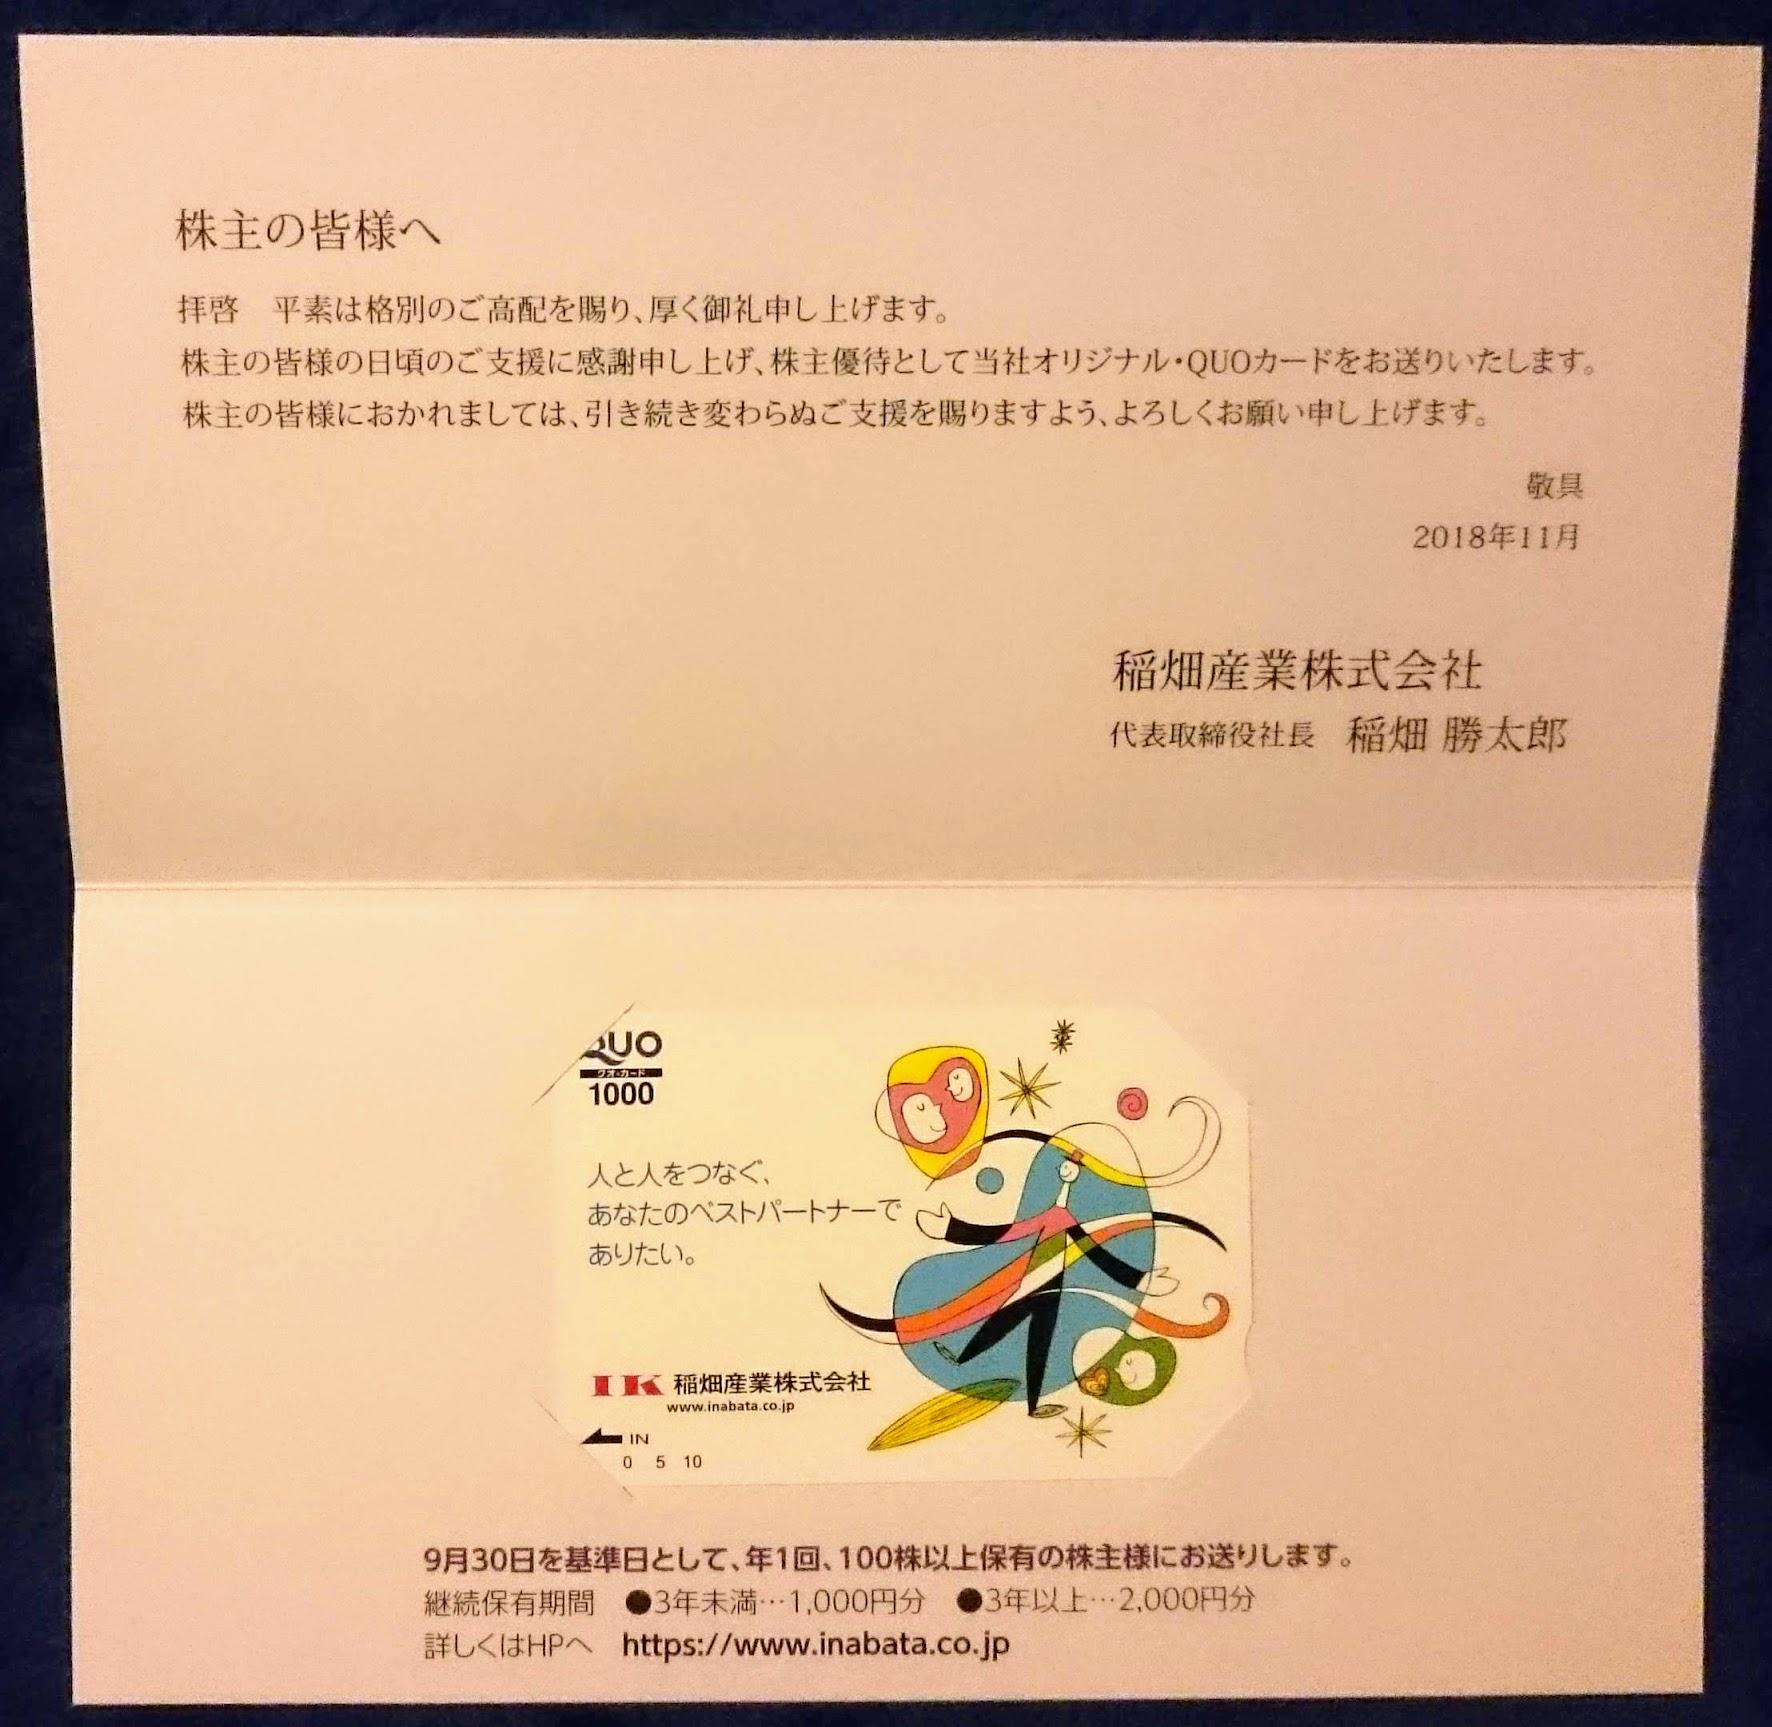 オリジナルQUOカード1,000円分